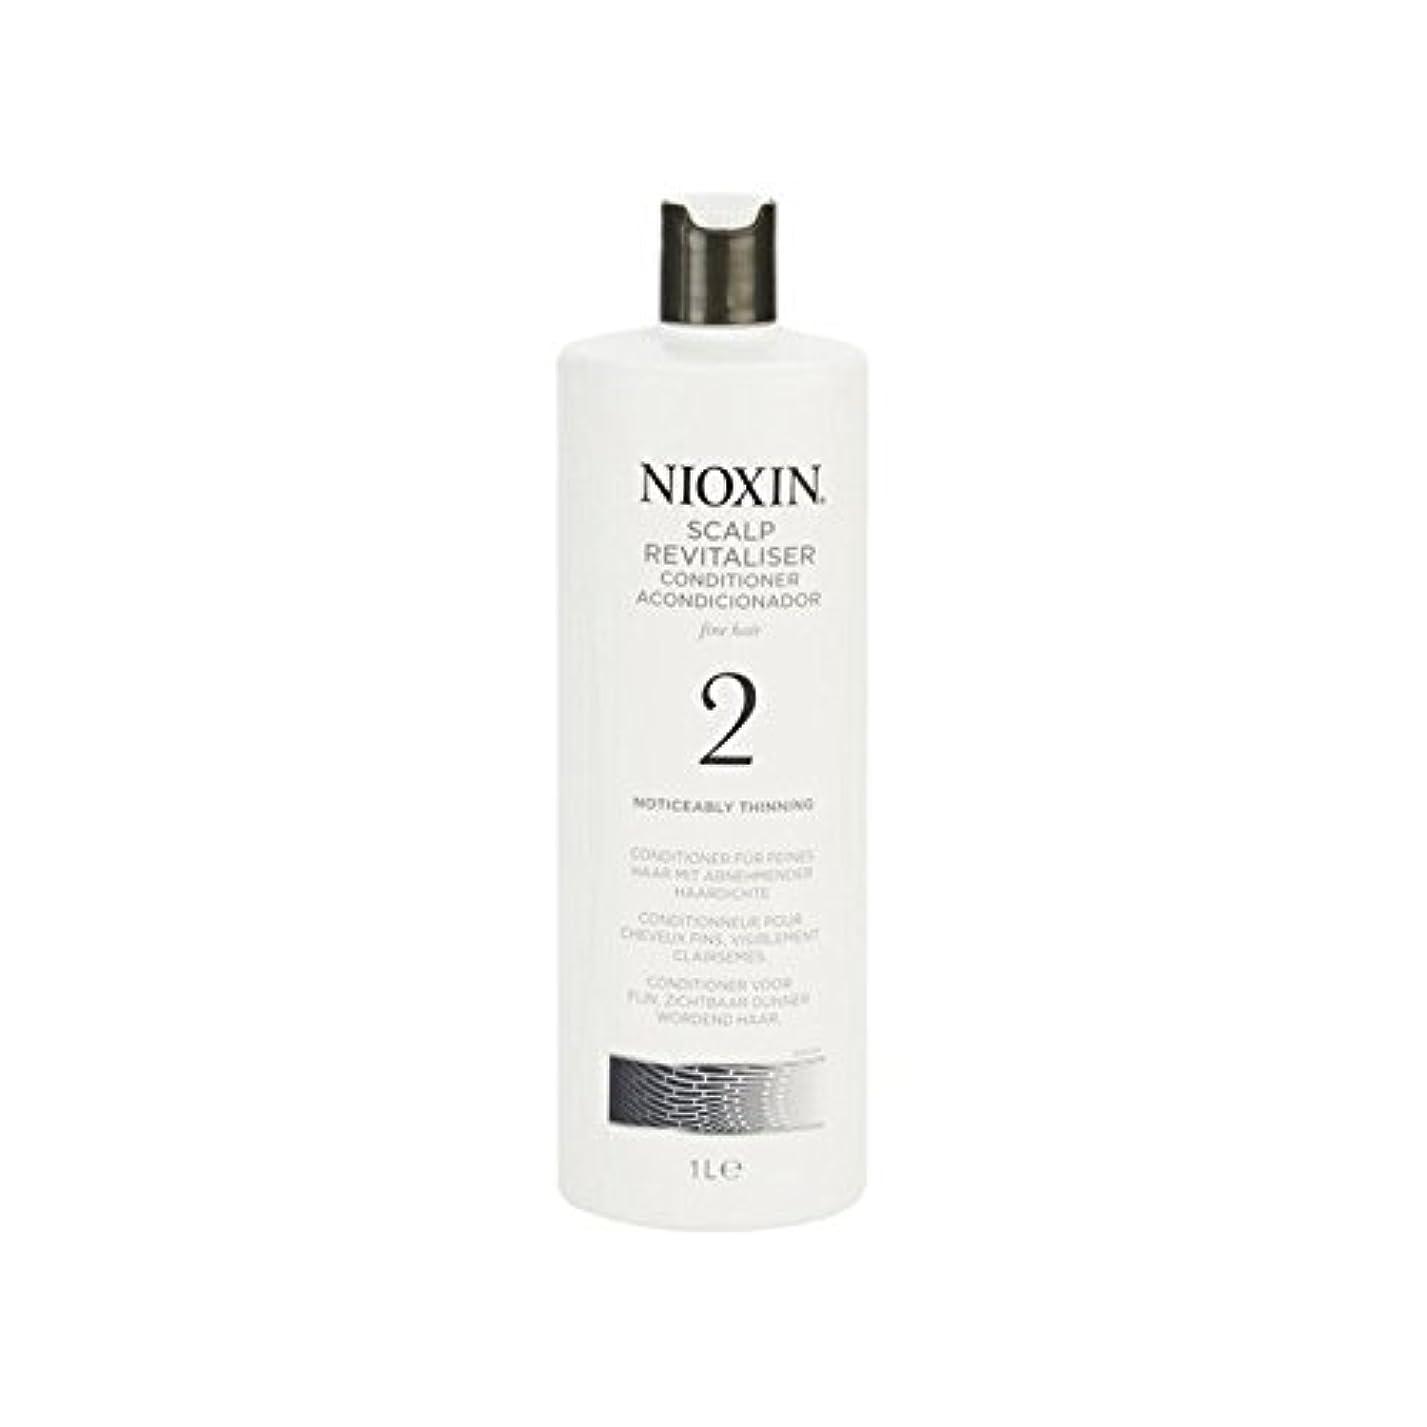 ロマンスピアノサスティーン著しく間伐自然な髪千ミリリットルのためのニオキシンシステム2頭皮コンディショナー x2 - Nioxin System 2 Scalp Revitaliser Conditioner For Noticeably Thinning Natural Hair 1000ml (Pack of 2) [並行輸入品]